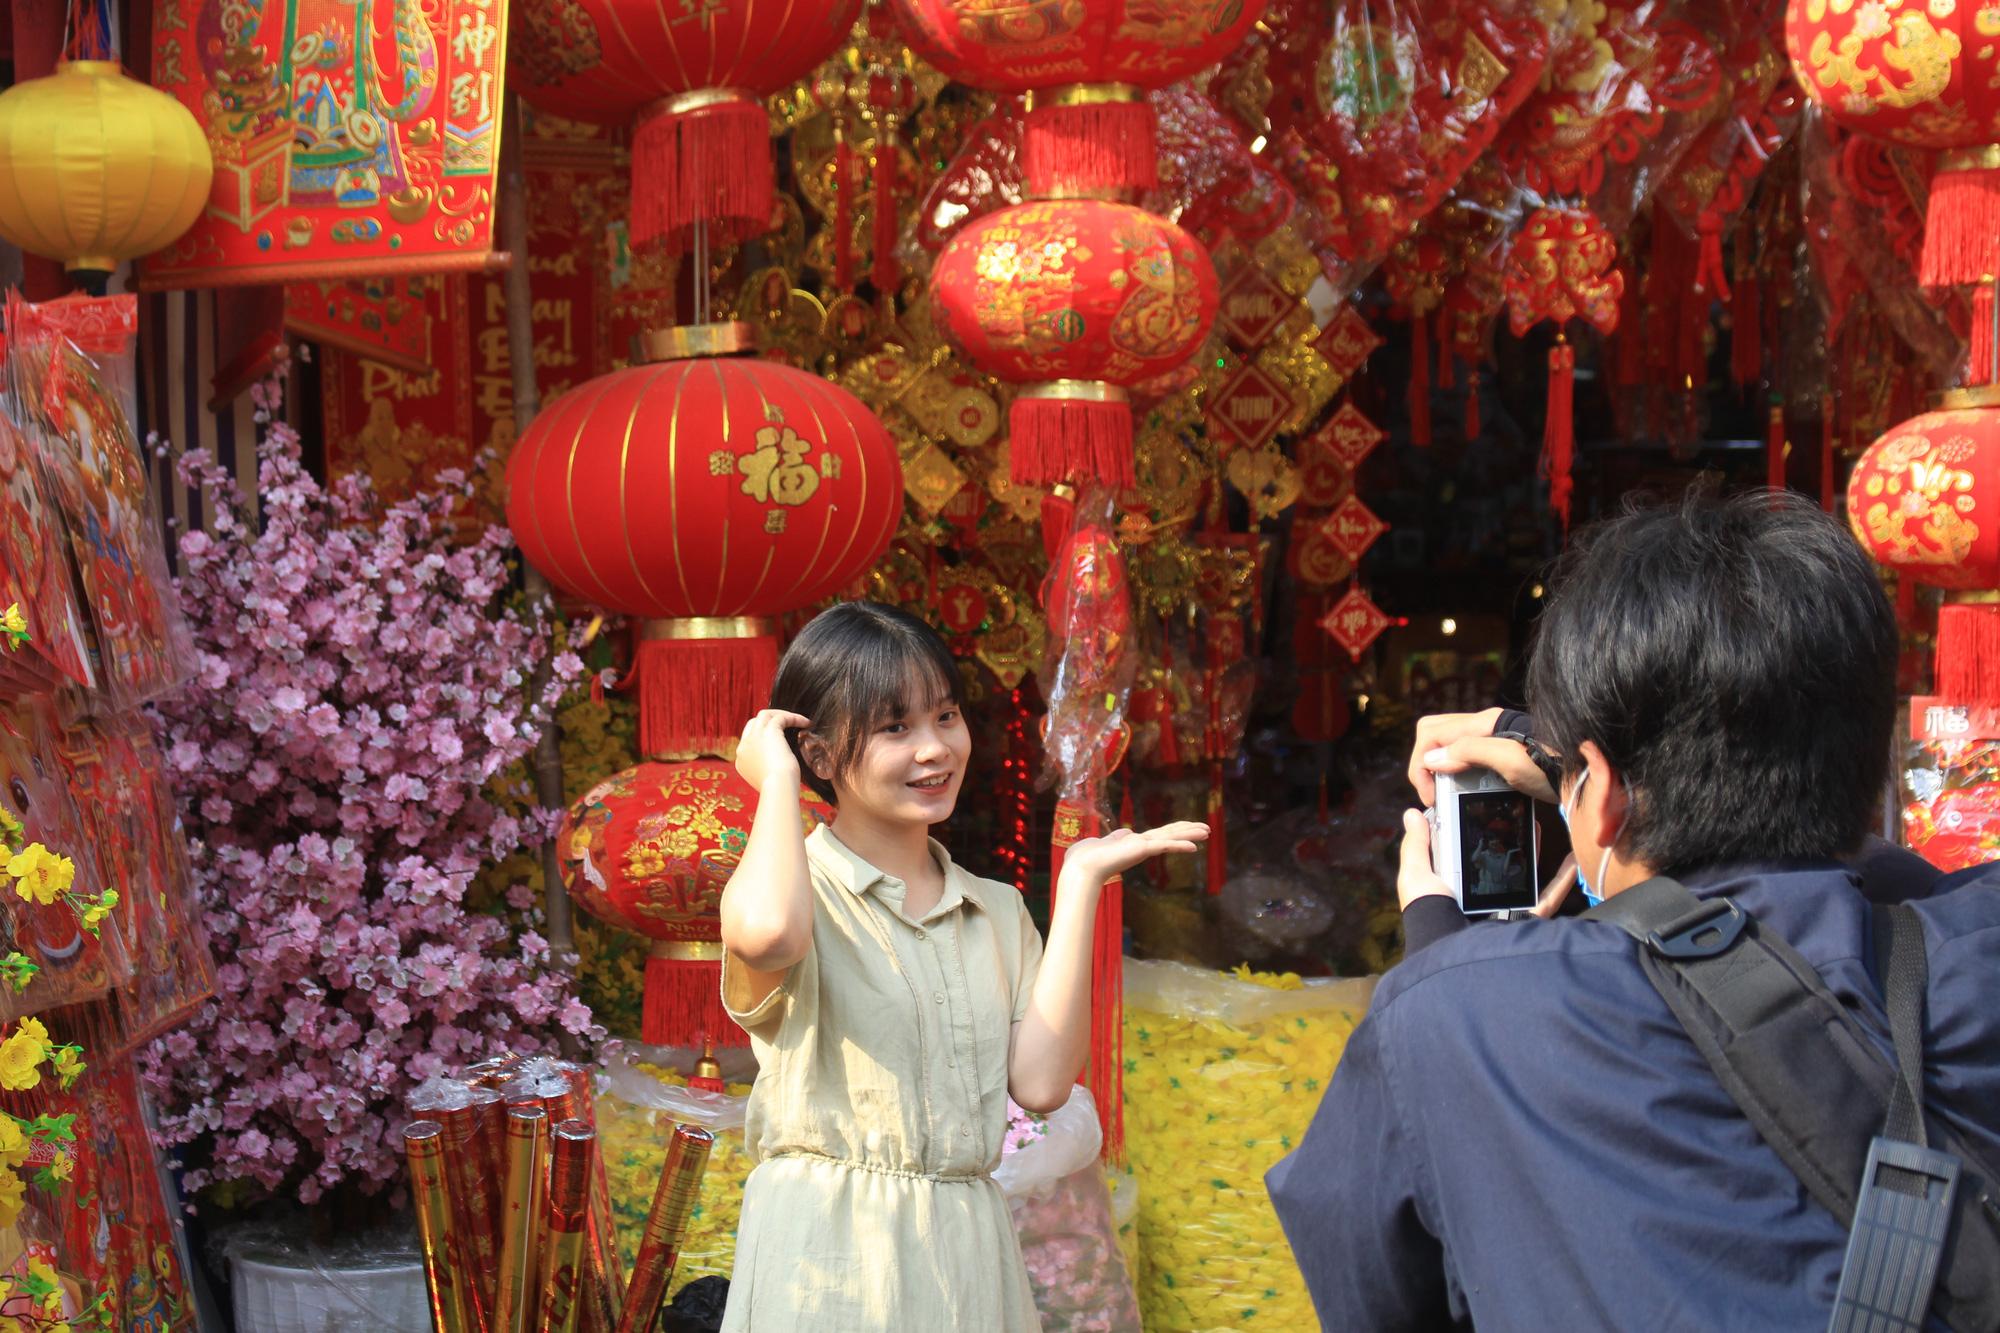 Giới trẻ check-in tuyến đường tết đỏ rực ở Sài Gòn, người bán vui vẻ nhưng tiết lộ điều này - Ảnh 4.